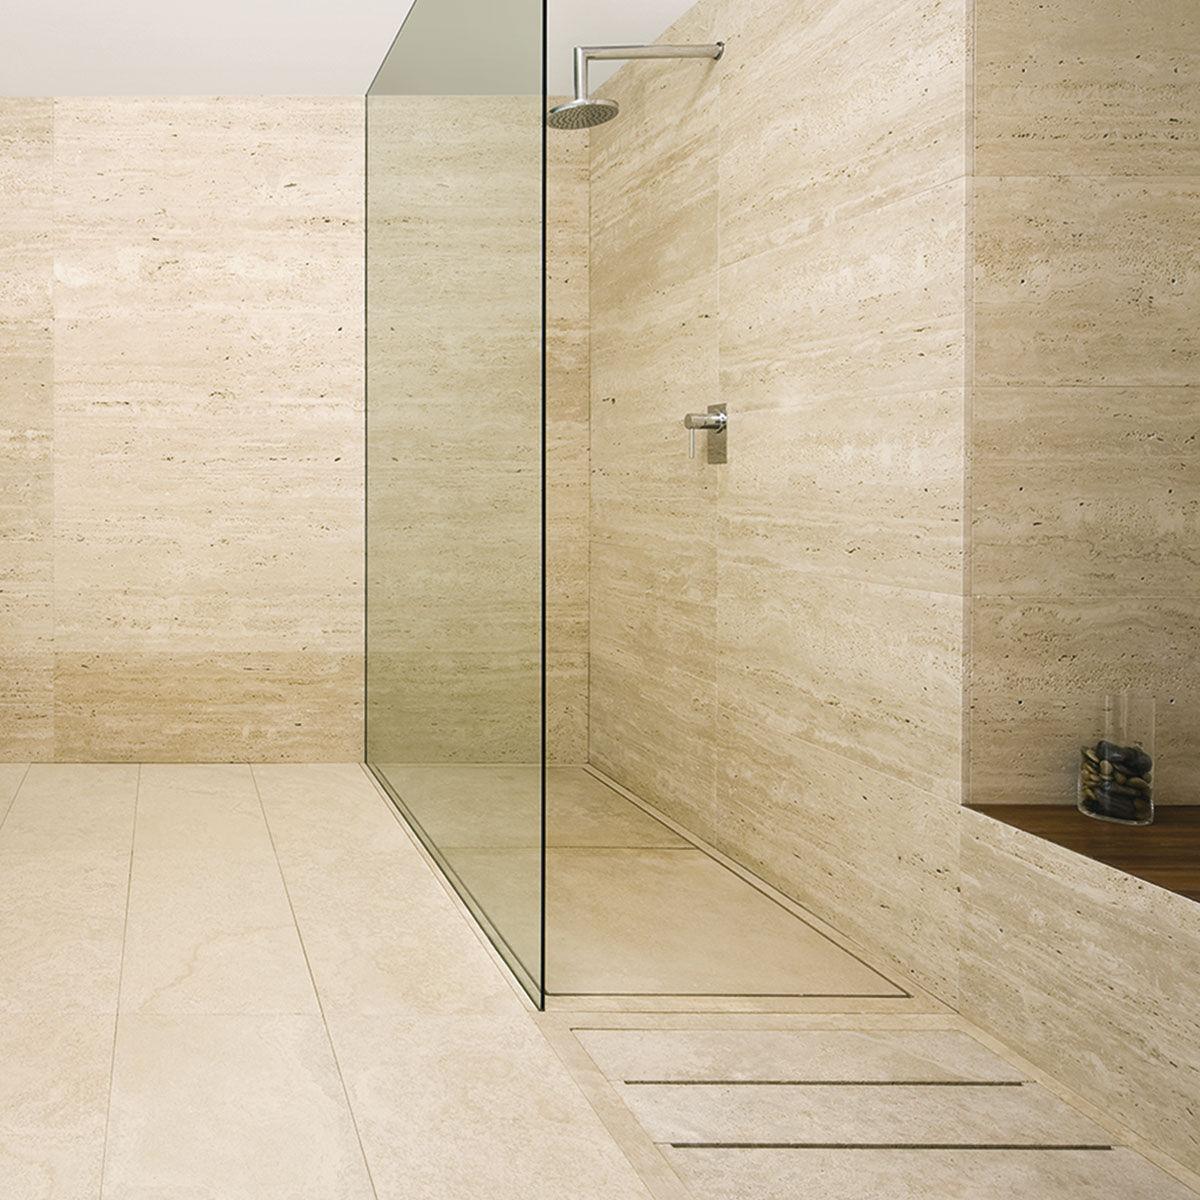 Top Piatto doccia rettangolare / in pietra naturale - LE CAVE by Marco  TF72